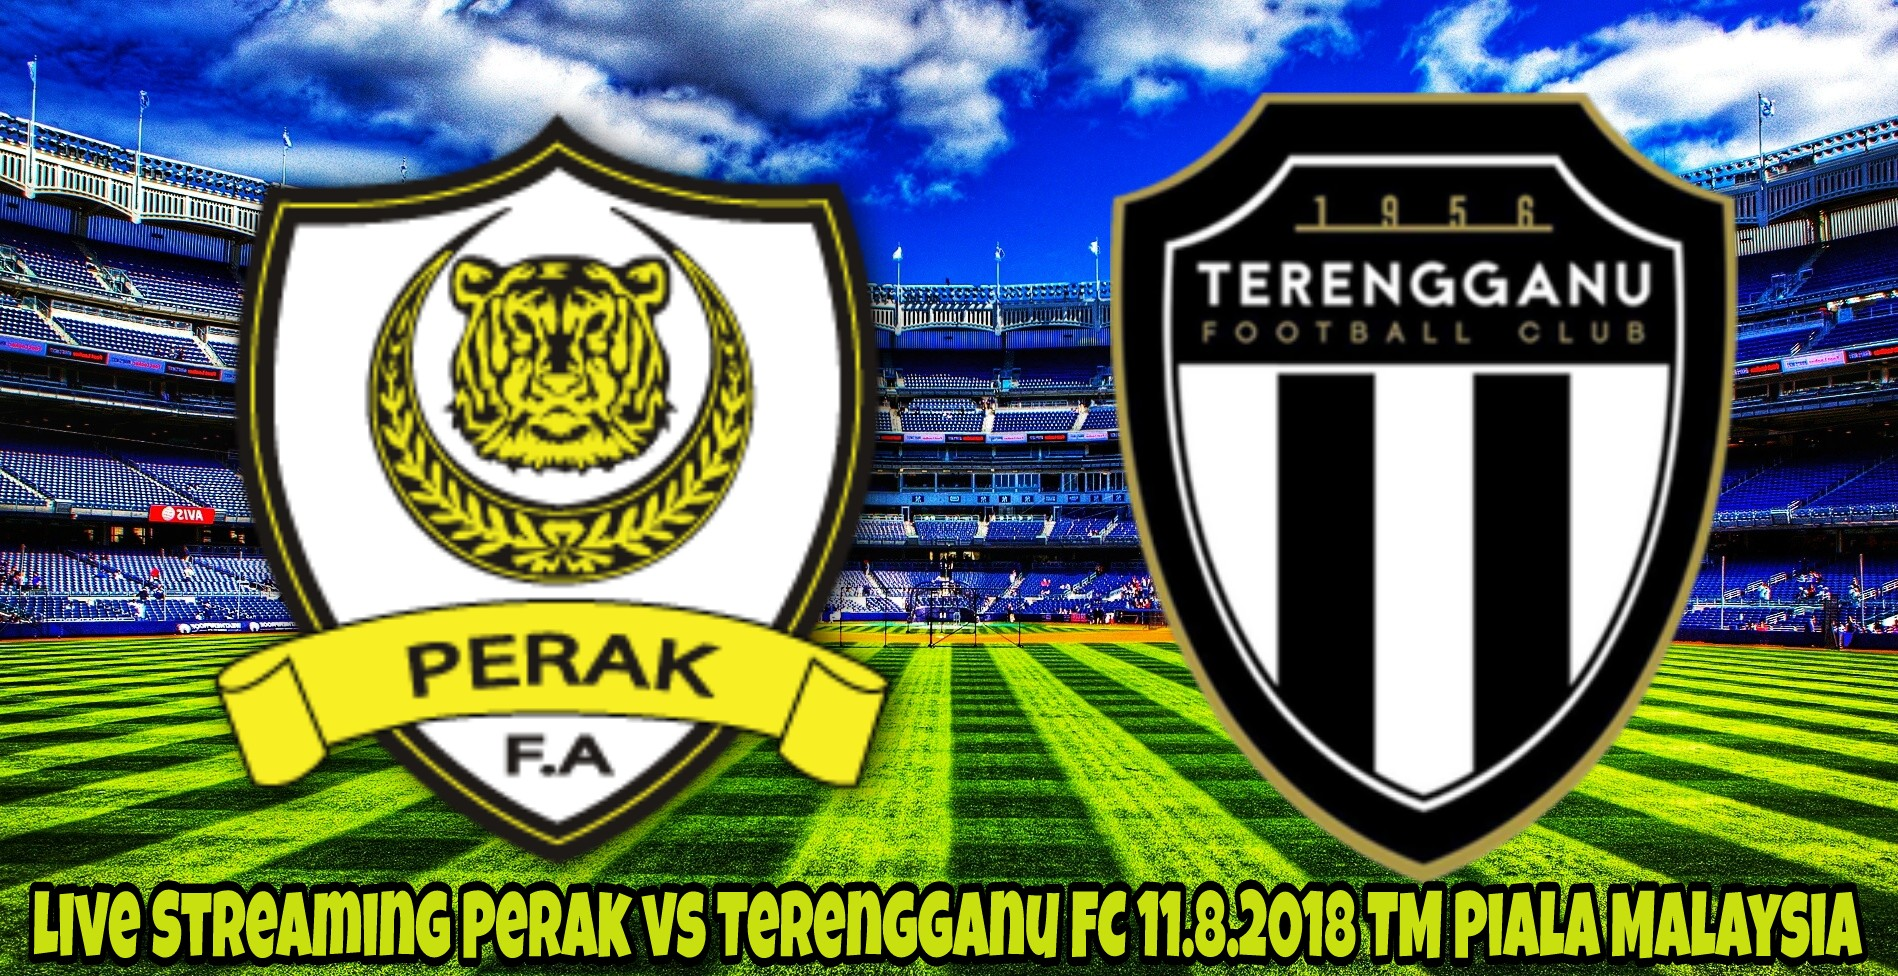 Live Streaming Perak vs Terengganu FC 11.8.2018 TM Piala Malaysia